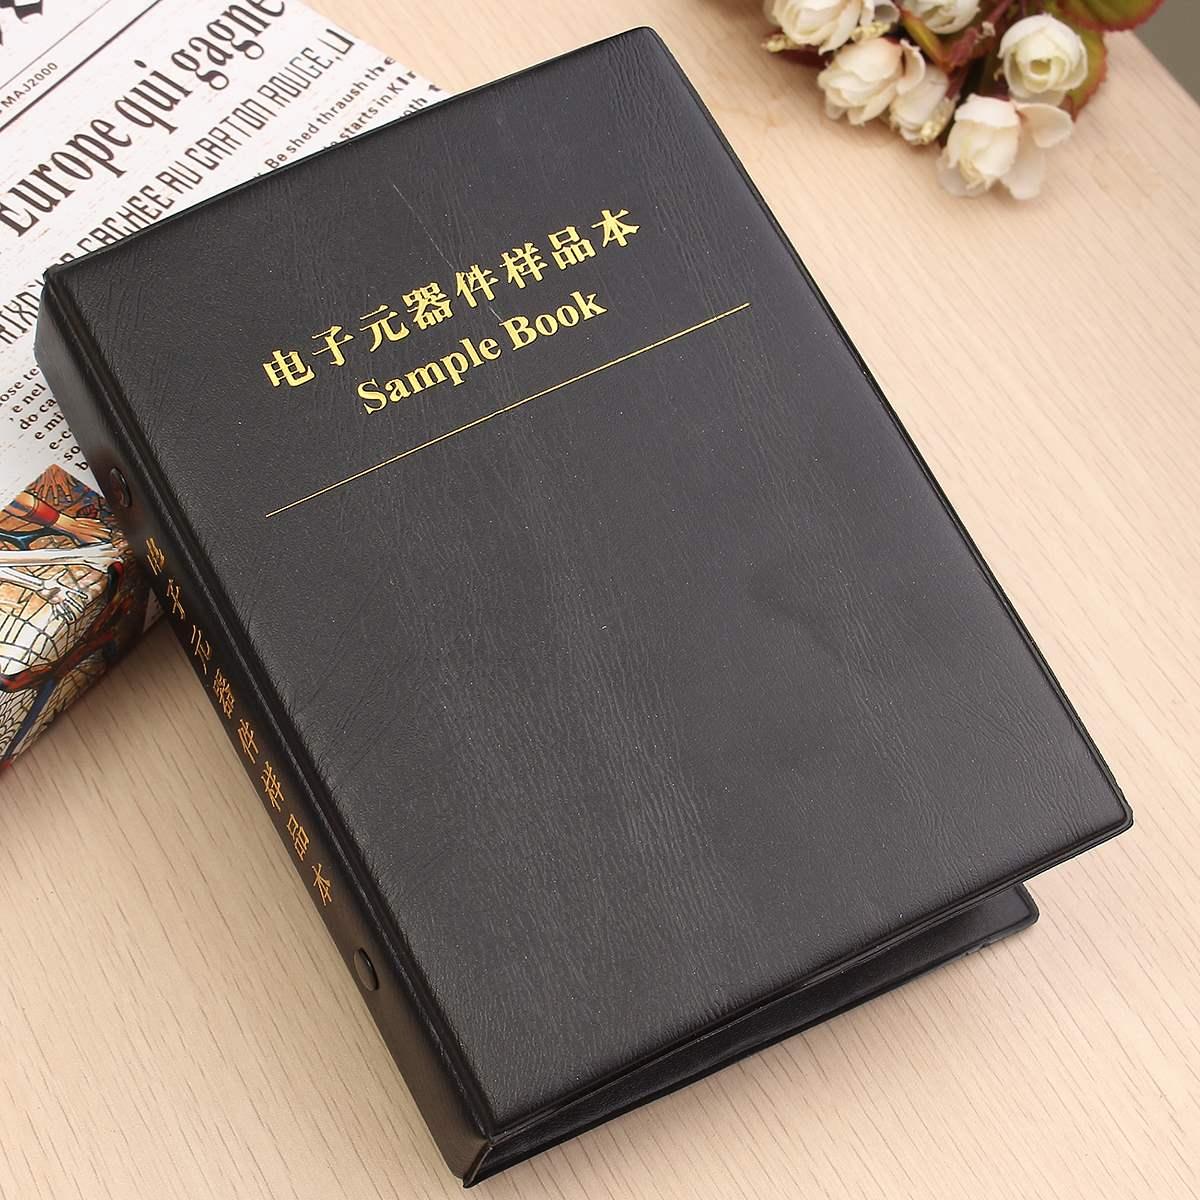 Хит продаж, новинка 0805, 1% SMD SMT чип, комплект резисторов в ассортименте, 170 значений, x50, ассорти, книга для образцов 13,5 см x 3 см x 19 см